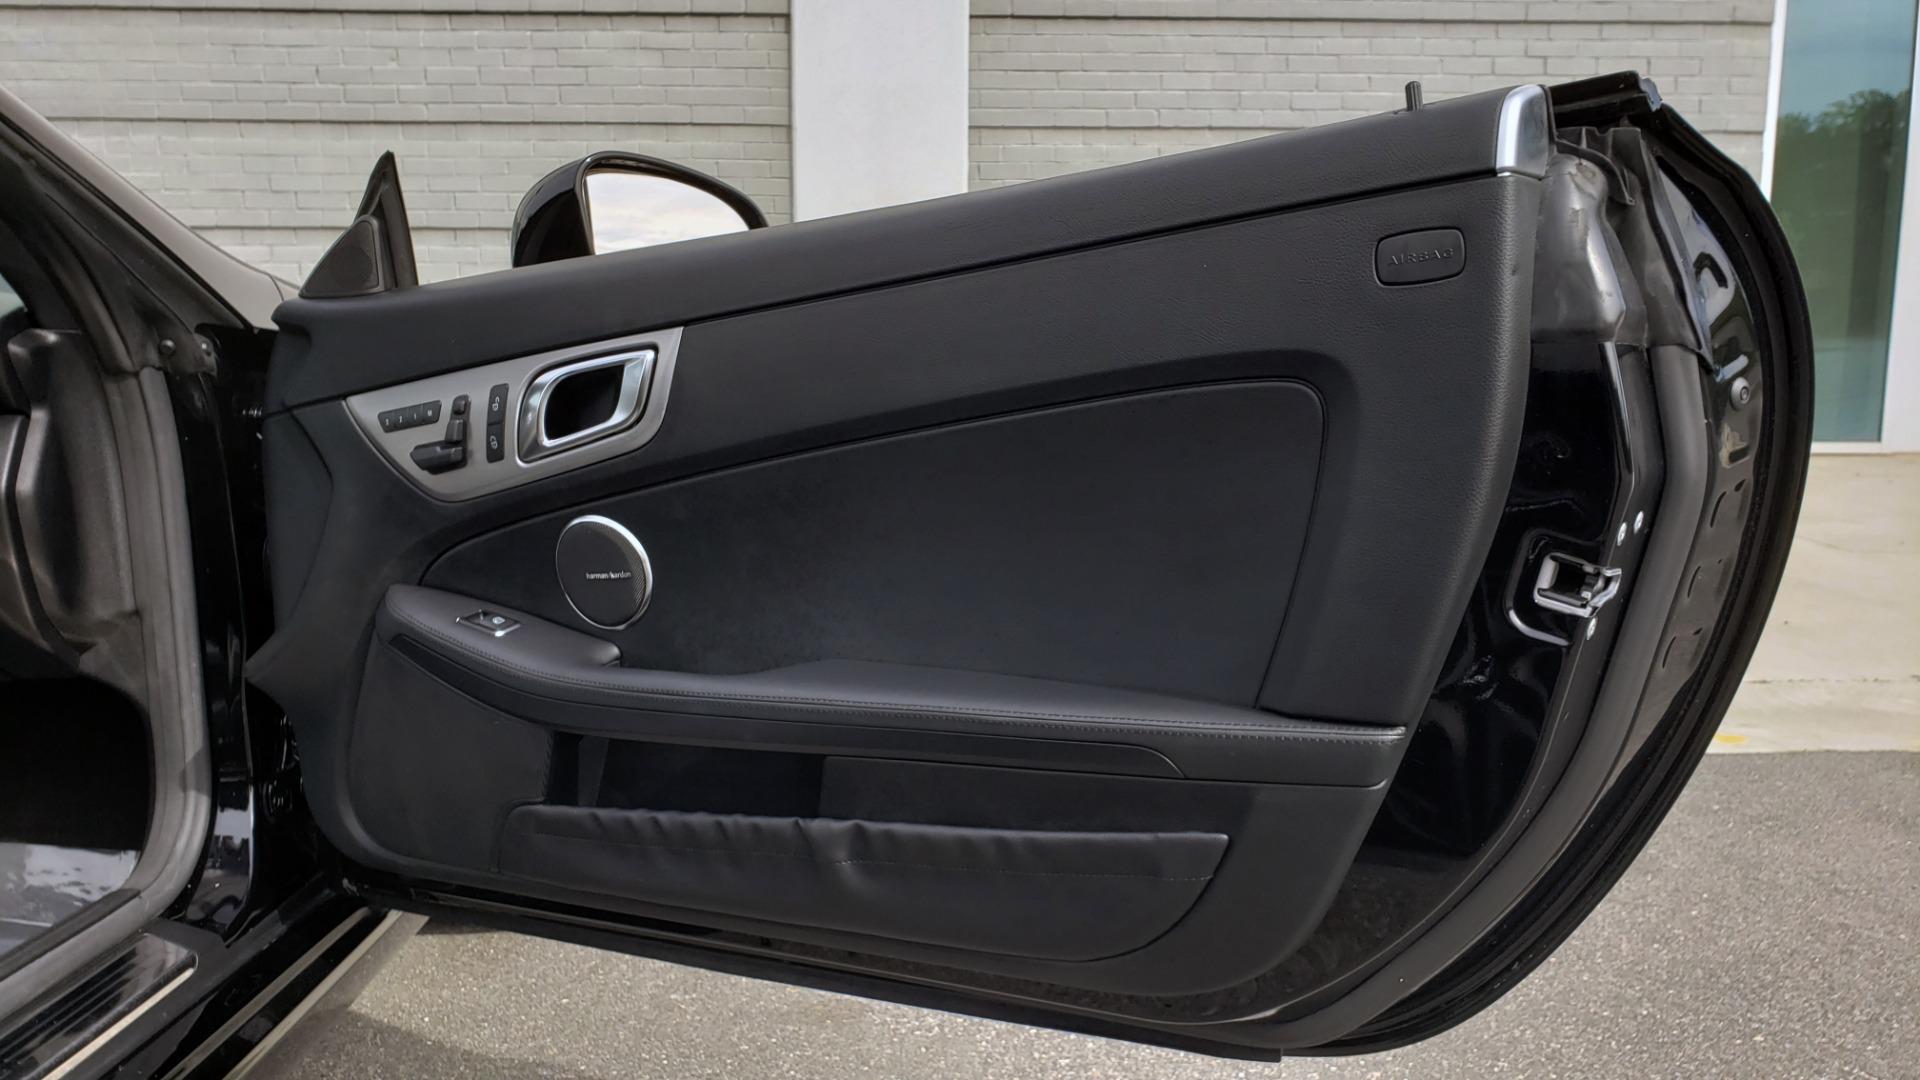 Used 2012 Mercedes-Benz SLK-CLASS SLK 250 ROADSTER / PREM 1 PKG / COMAND LAUNCH PKG / 7-SPD AUTO for sale $24,995 at Formula Imports in Charlotte NC 28227 52